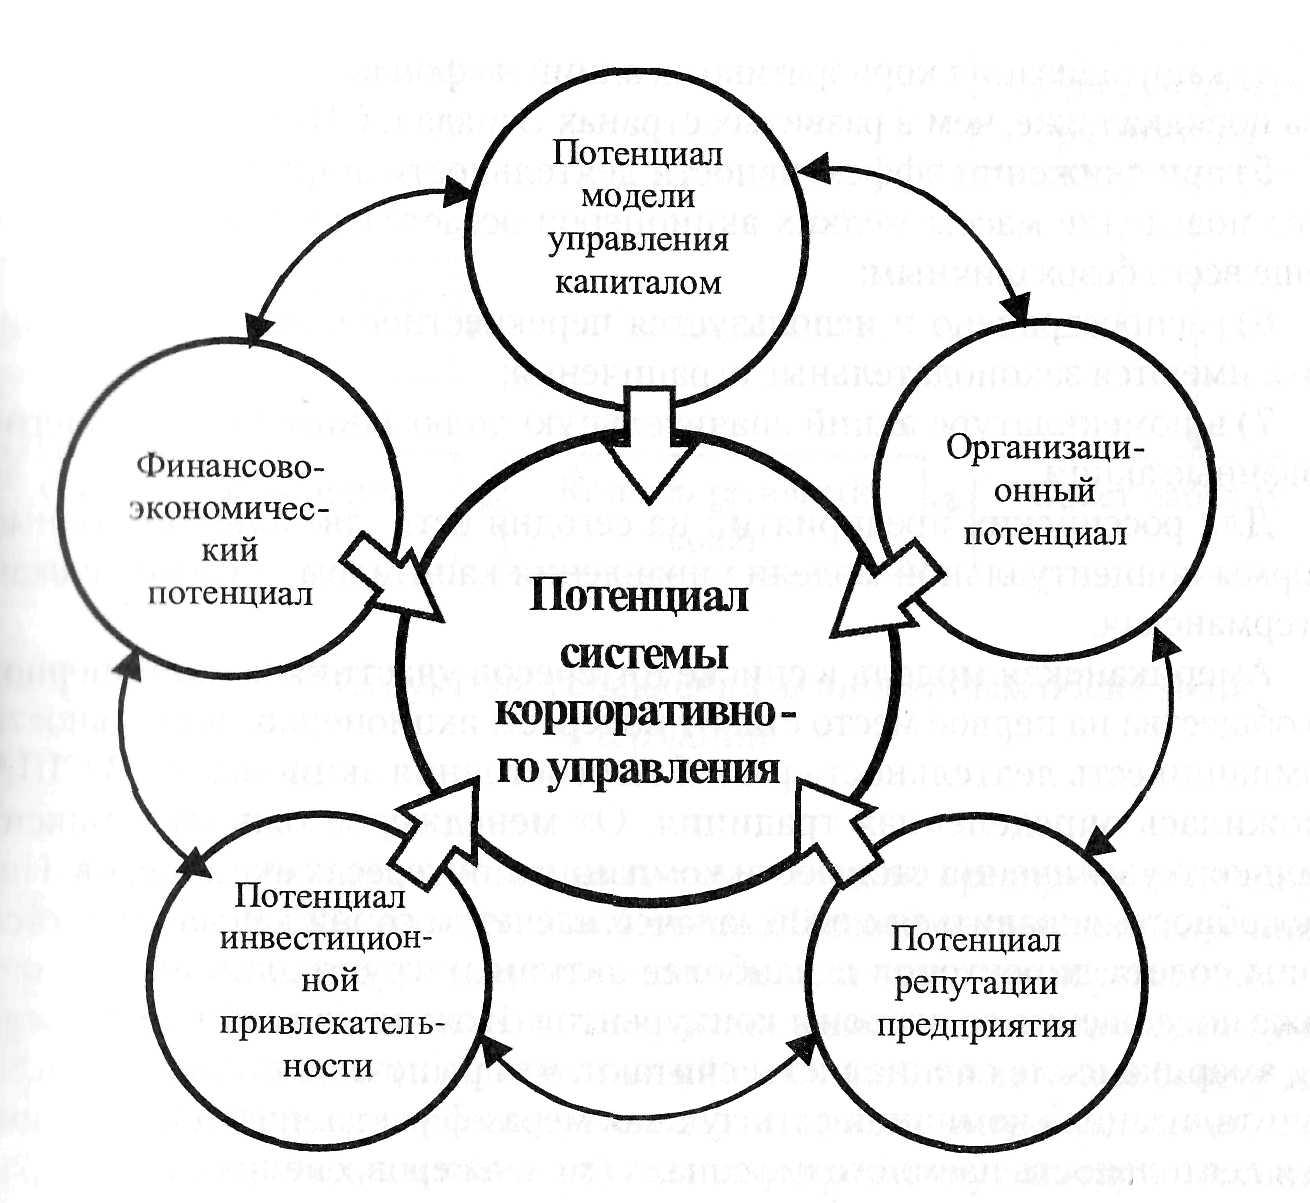 Учебная Литература г Вологда Корпоративное управление на предприятии курсовая